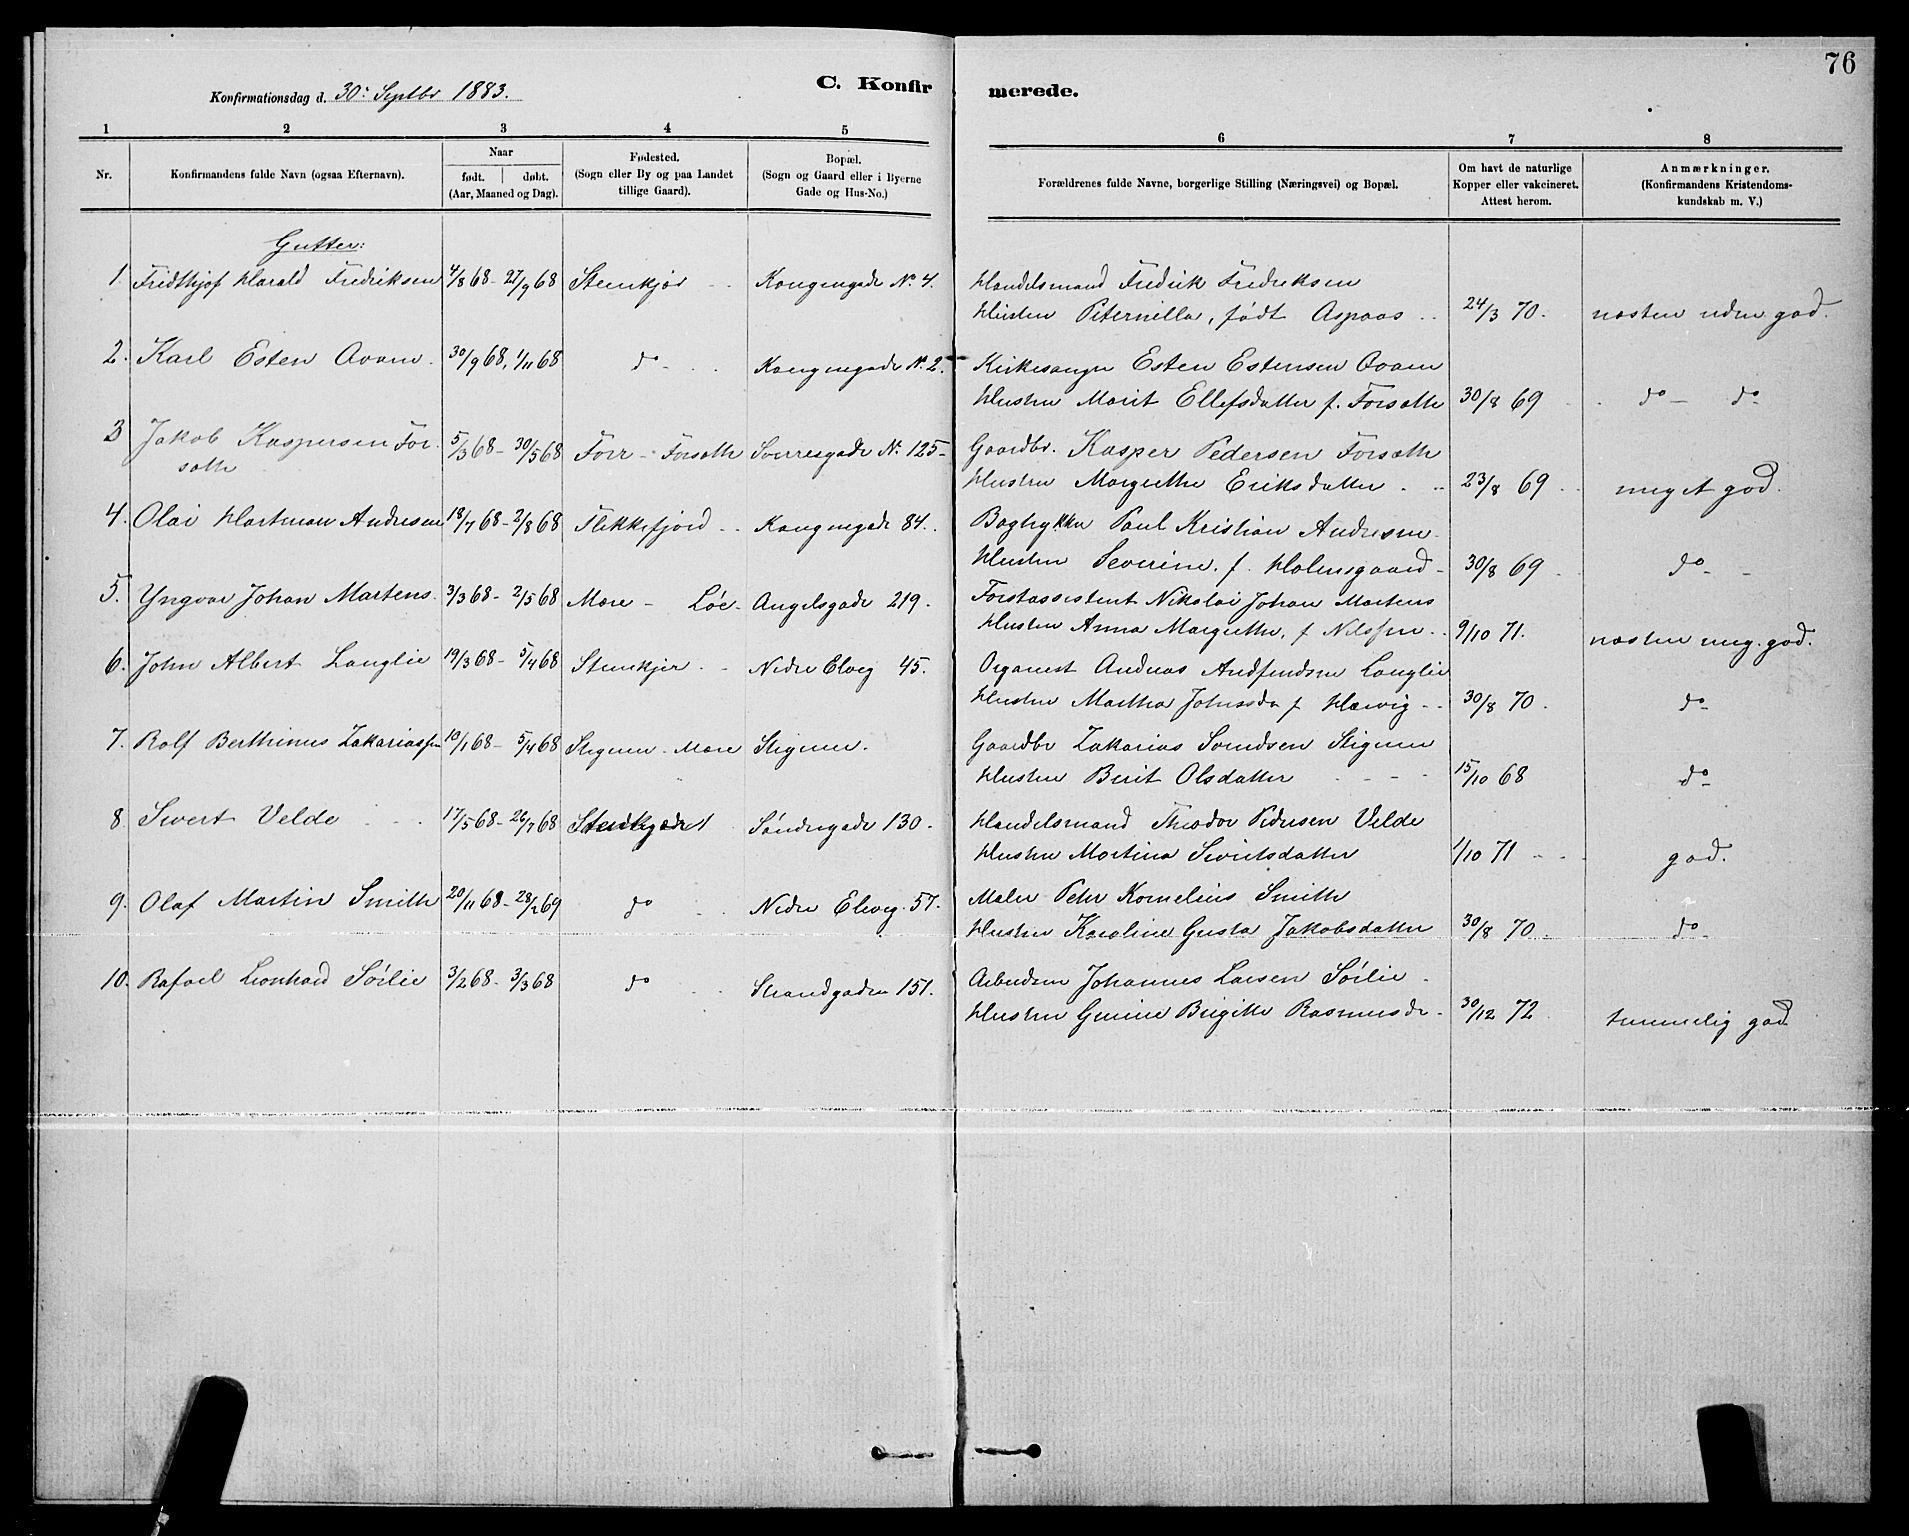 SAT, Ministerialprotokoller, klokkerbøker og fødselsregistre - Nord-Trøndelag, 739/L0374: Klokkerbok nr. 739C02, 1883-1898, s. 76